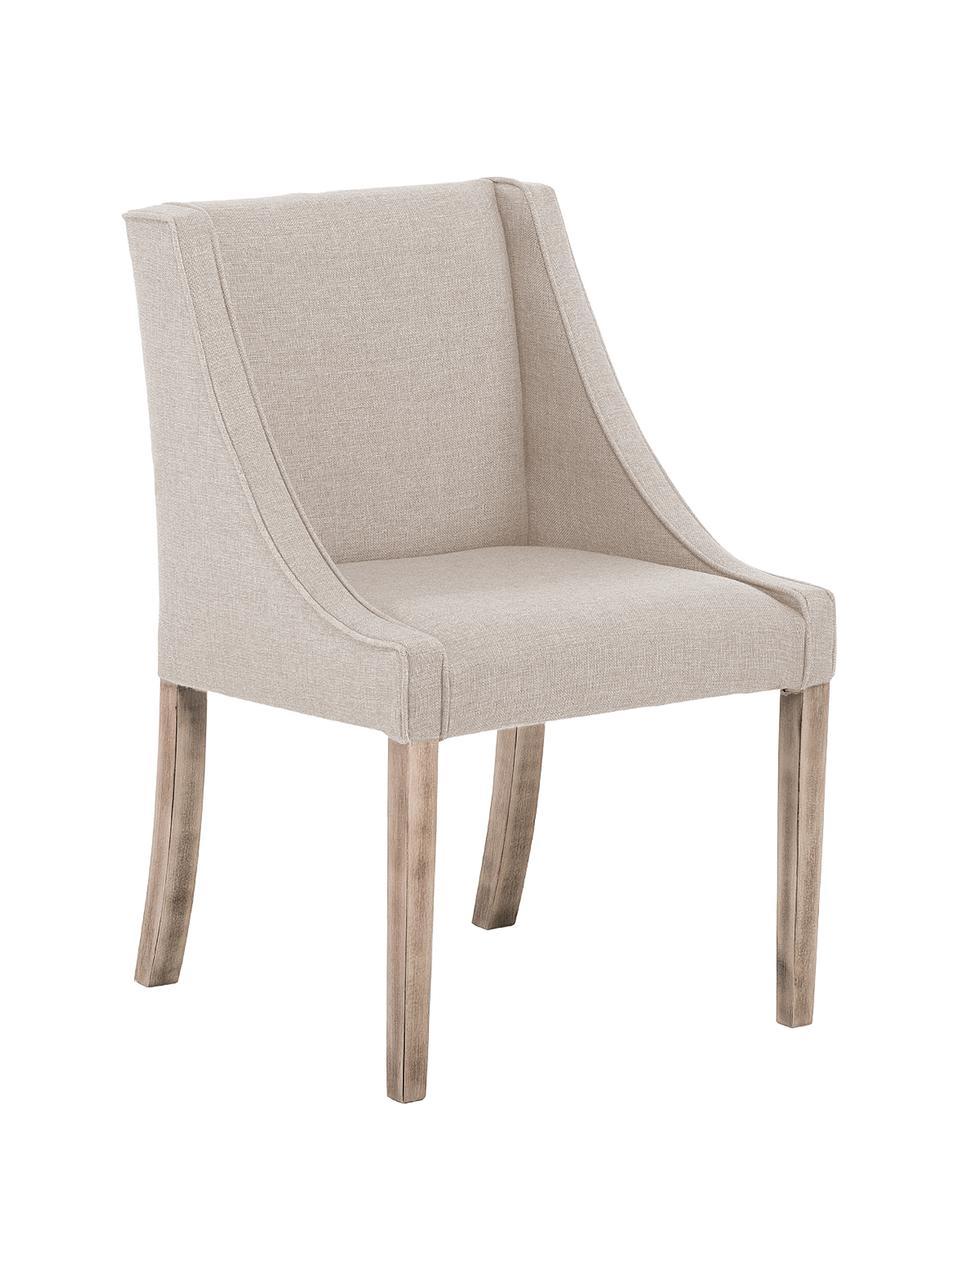 Chaise rembourrée Savannah